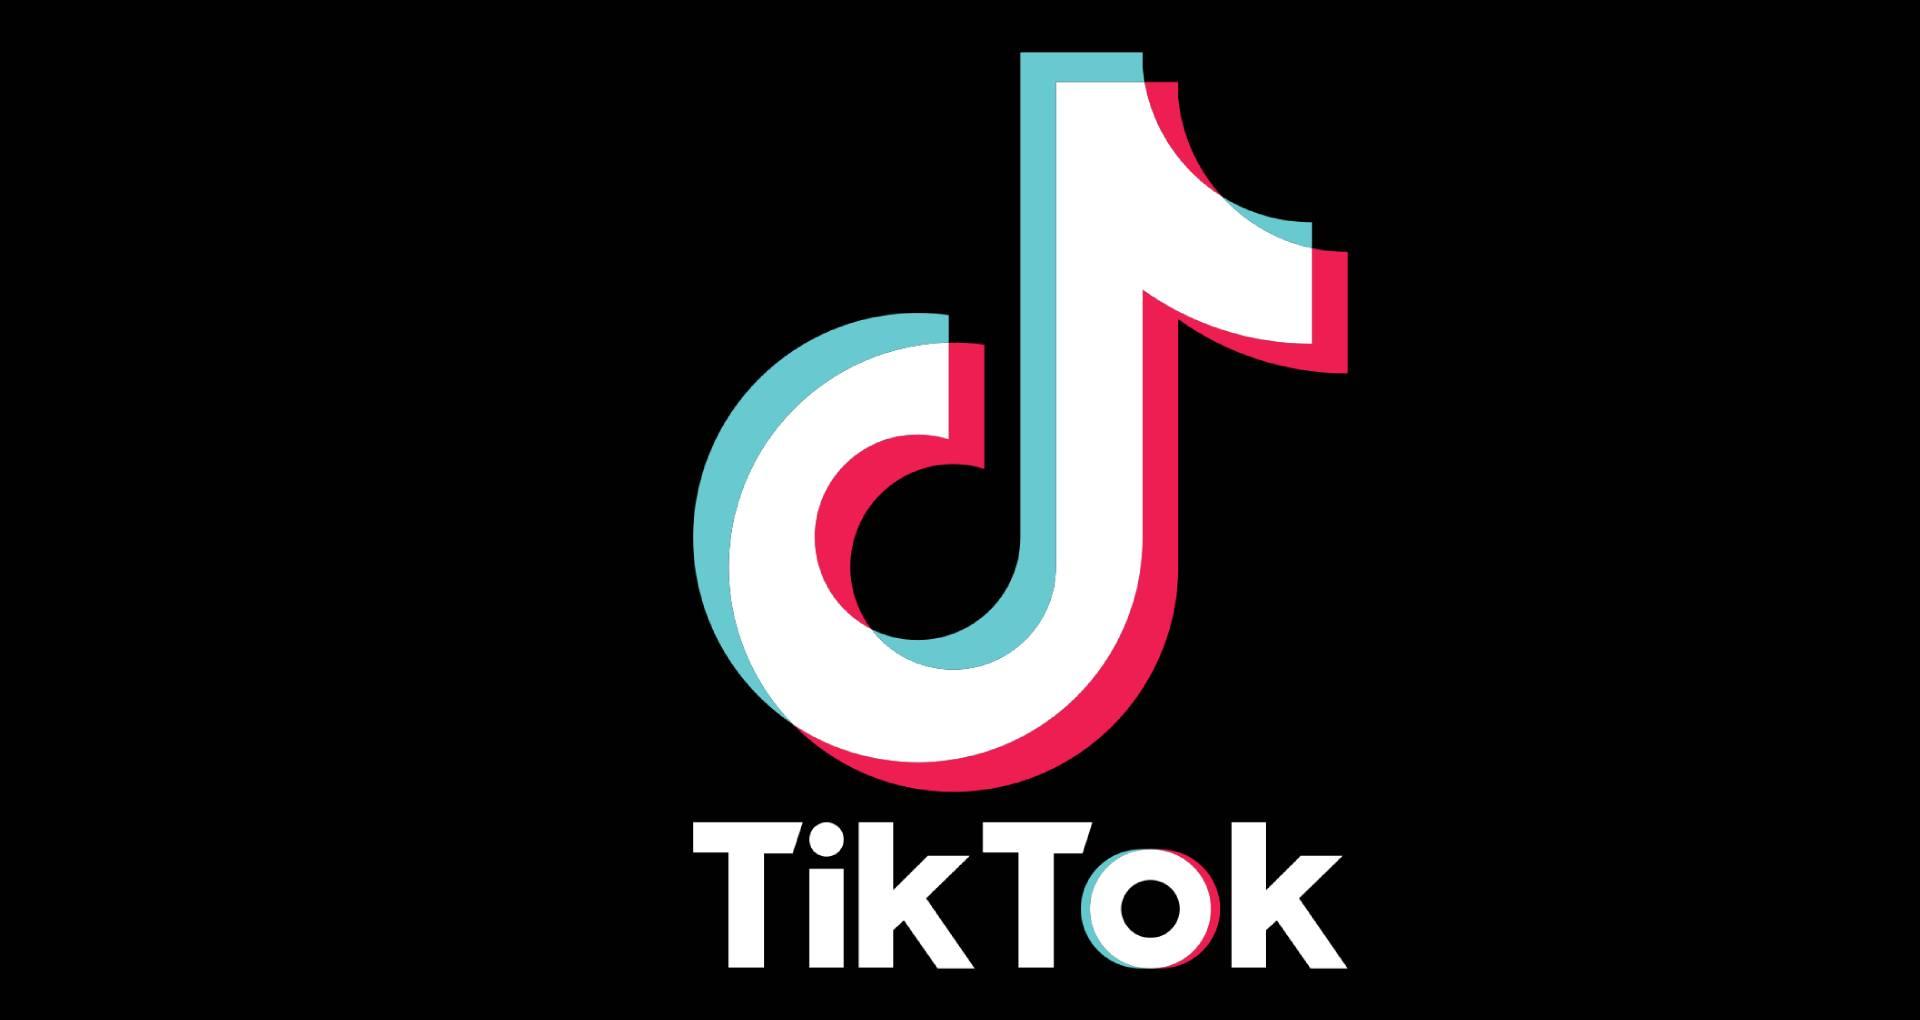 TikTok App Ban: गूगल और एप्पल अपने स्टोर से हटाए टिकटोक ऐप, सरकार ने दिया आदेश, सुप्रीम कोर्ट में सुनवाई